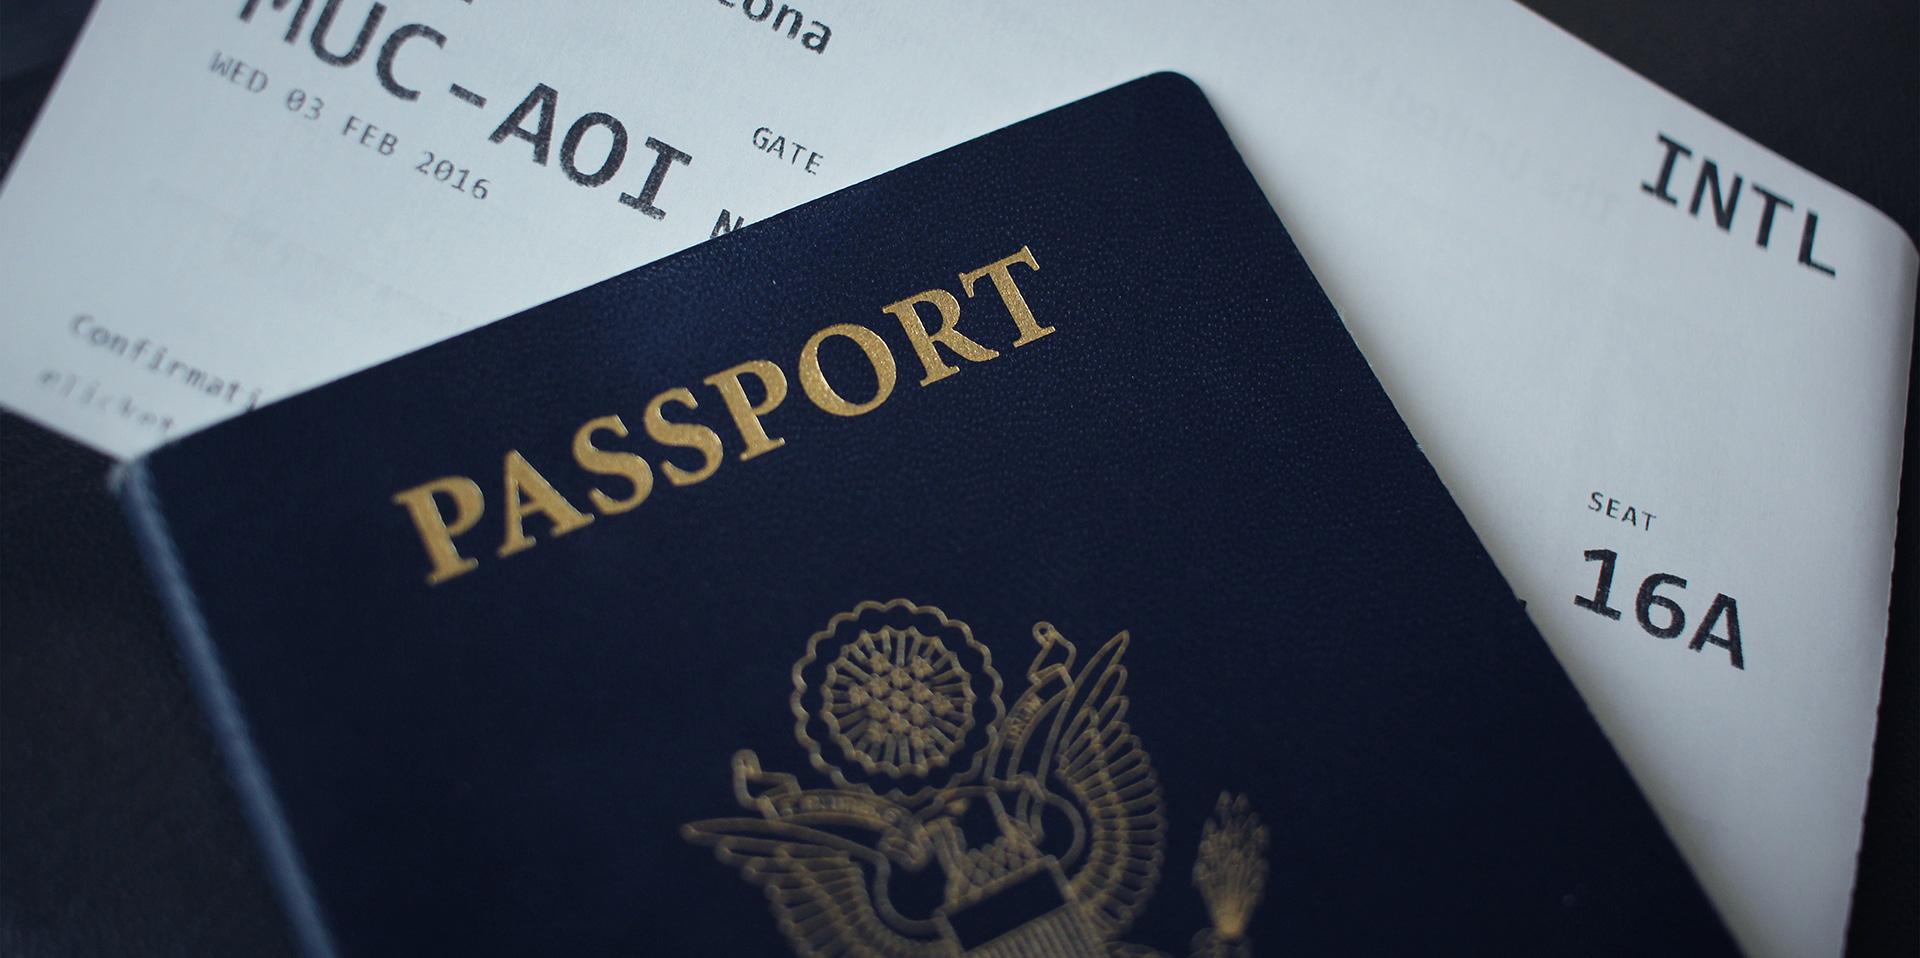 Cestovní doklady